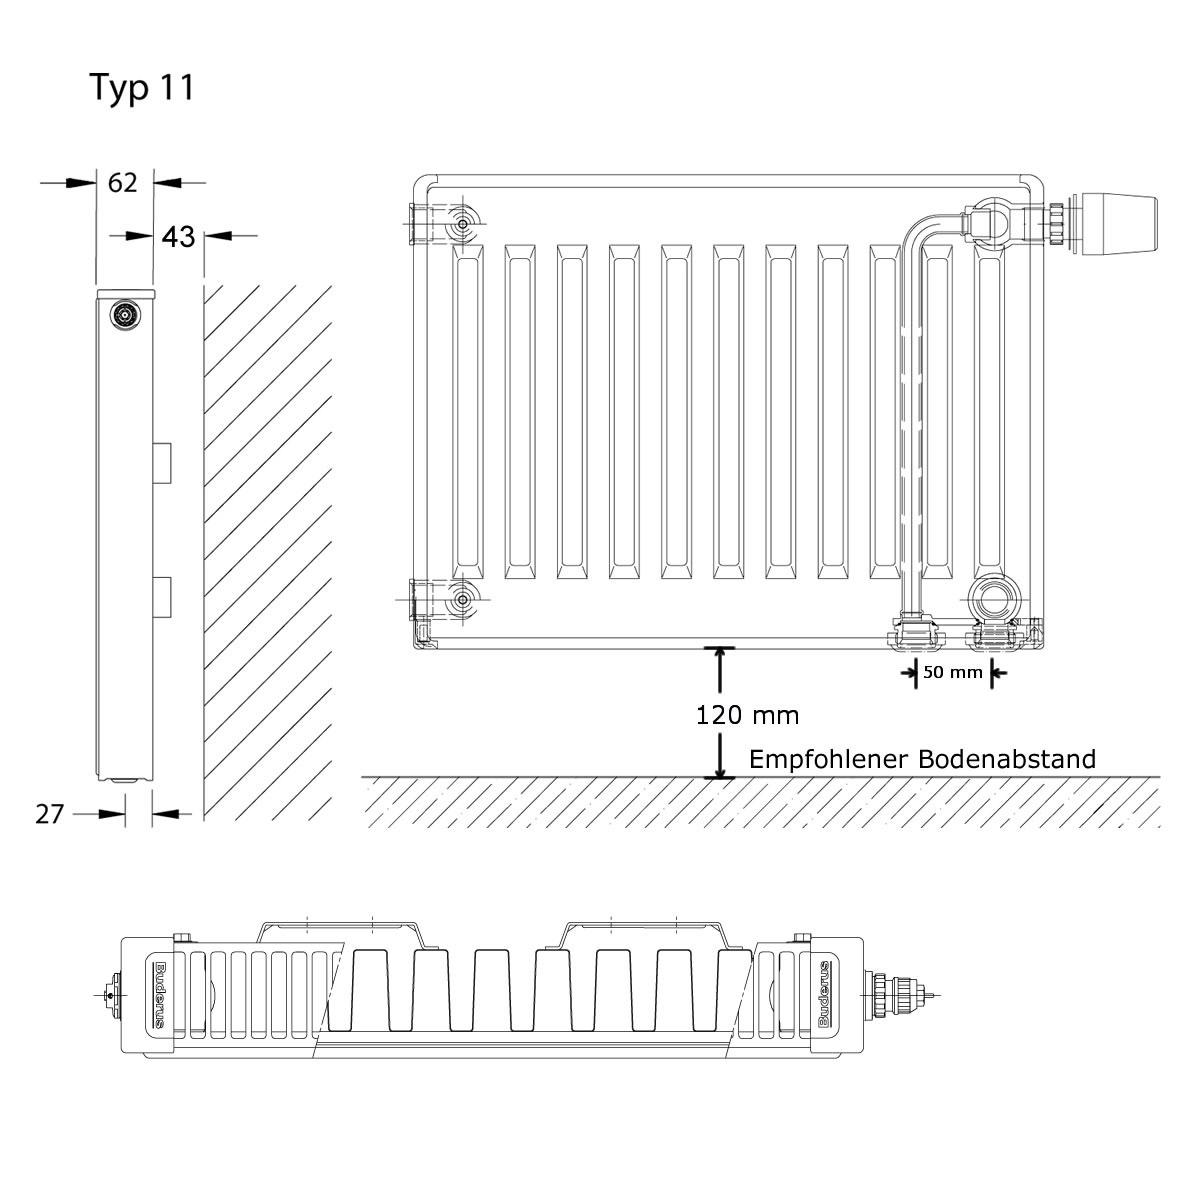 buderus typ 11 ventil-heizkörper profil inkl. zubehör h=900mm l=800mm